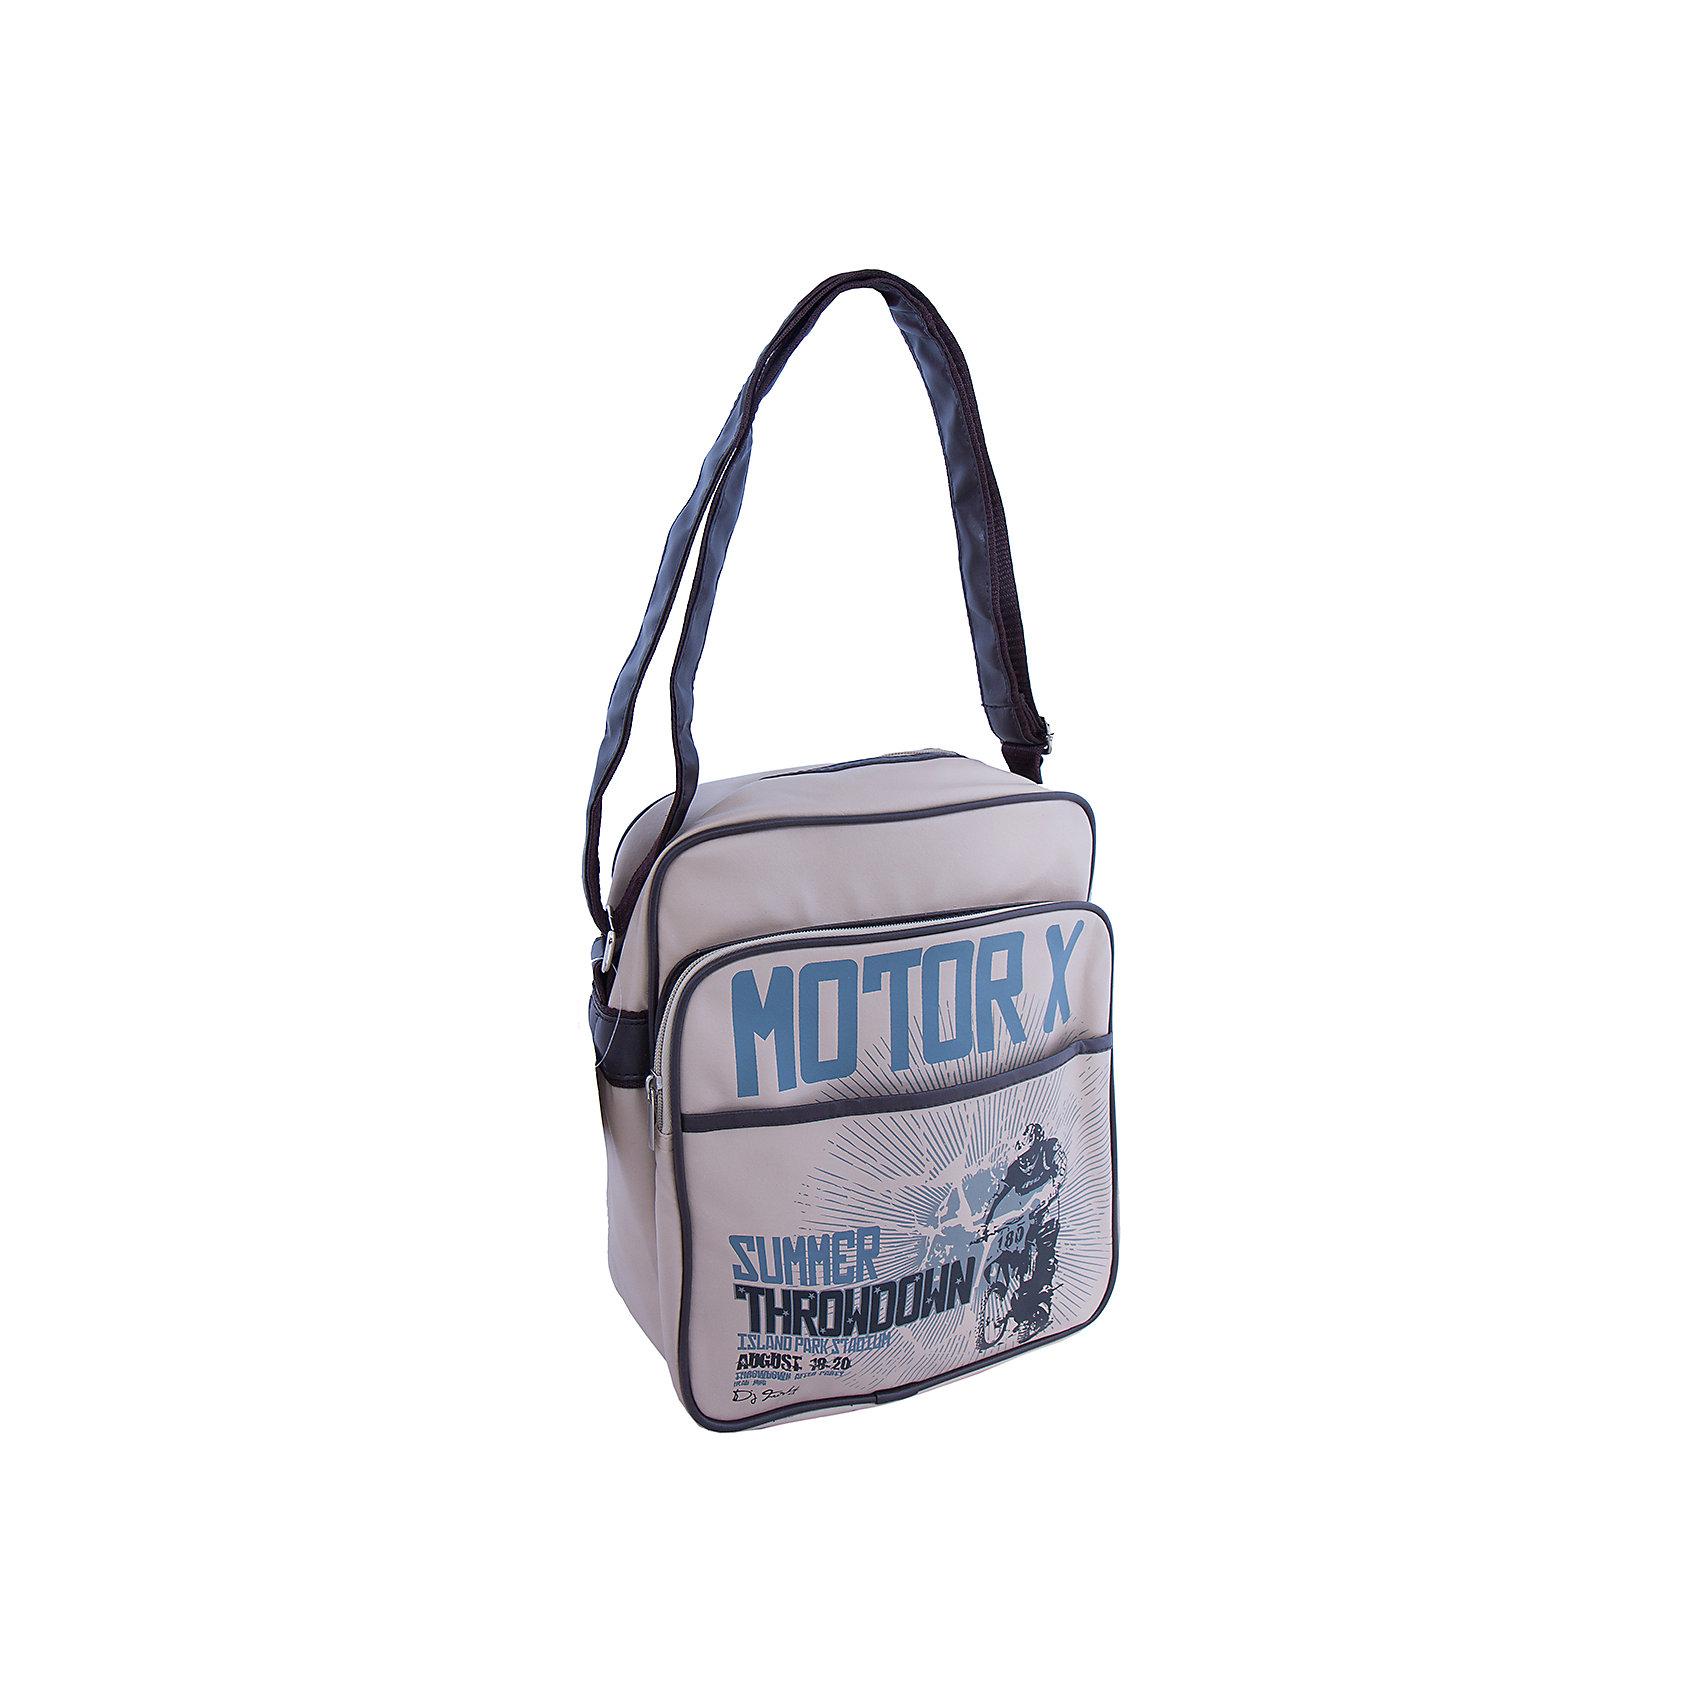 Сумка подростковая МотодрайвСтильная сумка с запоминающимся дизайном придется по вкусу любому подростку. Модель оснащена уплотнённым плечевым ремнем, регулируемым по длине, удобными и практичными карманами, выполнена из высококачественного прочного материала.  <br><br>Дополнительная информация:<br><br>- Материал: полиуретан.<br>- Размер: 28х33х11 см.<br>- Тип застежки: молния. <br>- Плечевой ремень регулируется.<br>- 2 отделения (большое и маленькое).<br>- Карманы: 1 внутренний, 1 внешний.<br>- Полноцветная печать.<br><br>Сумку подростковую Мотодрайв можно купить в нашем магазине.<br><br>Ширина мм: 330<br>Глубина мм: 300<br>Высота мм: 50<br>Вес г: 400<br>Возраст от месяцев: 144<br>Возраст до месяцев: 192<br>Пол: Мужской<br>Возраст: Детский<br>SKU: 4756069